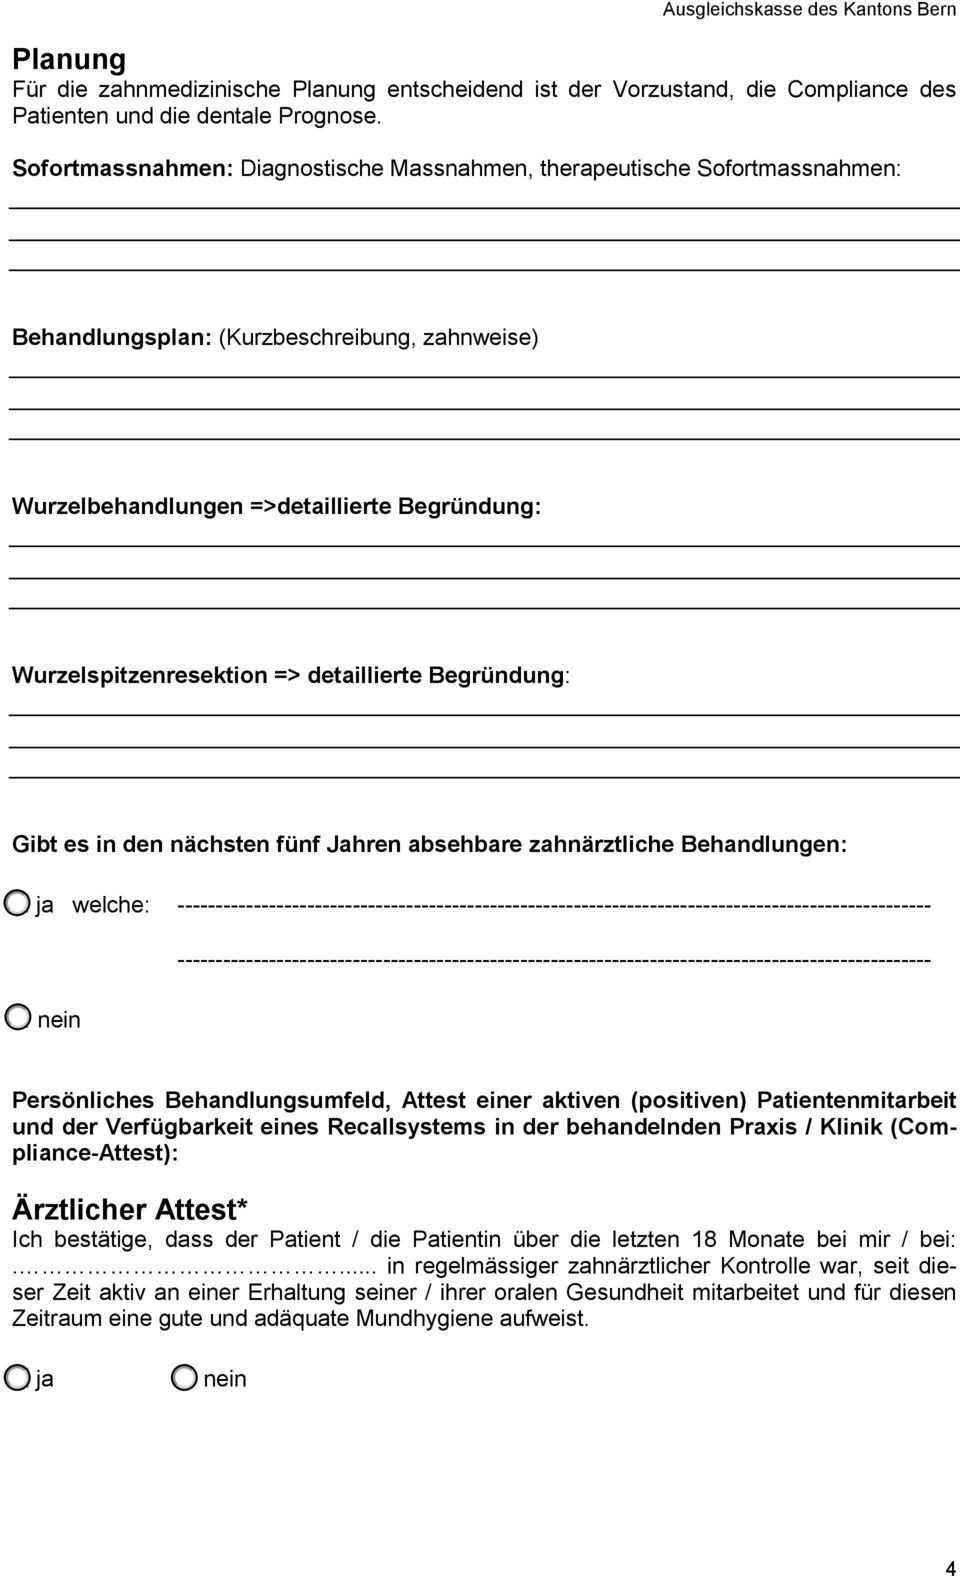 Zahnformular Erganzungsleistungen Befund Planung Arztlicher Attest Kostenvoranschlag Pdf Kostenfreier Download